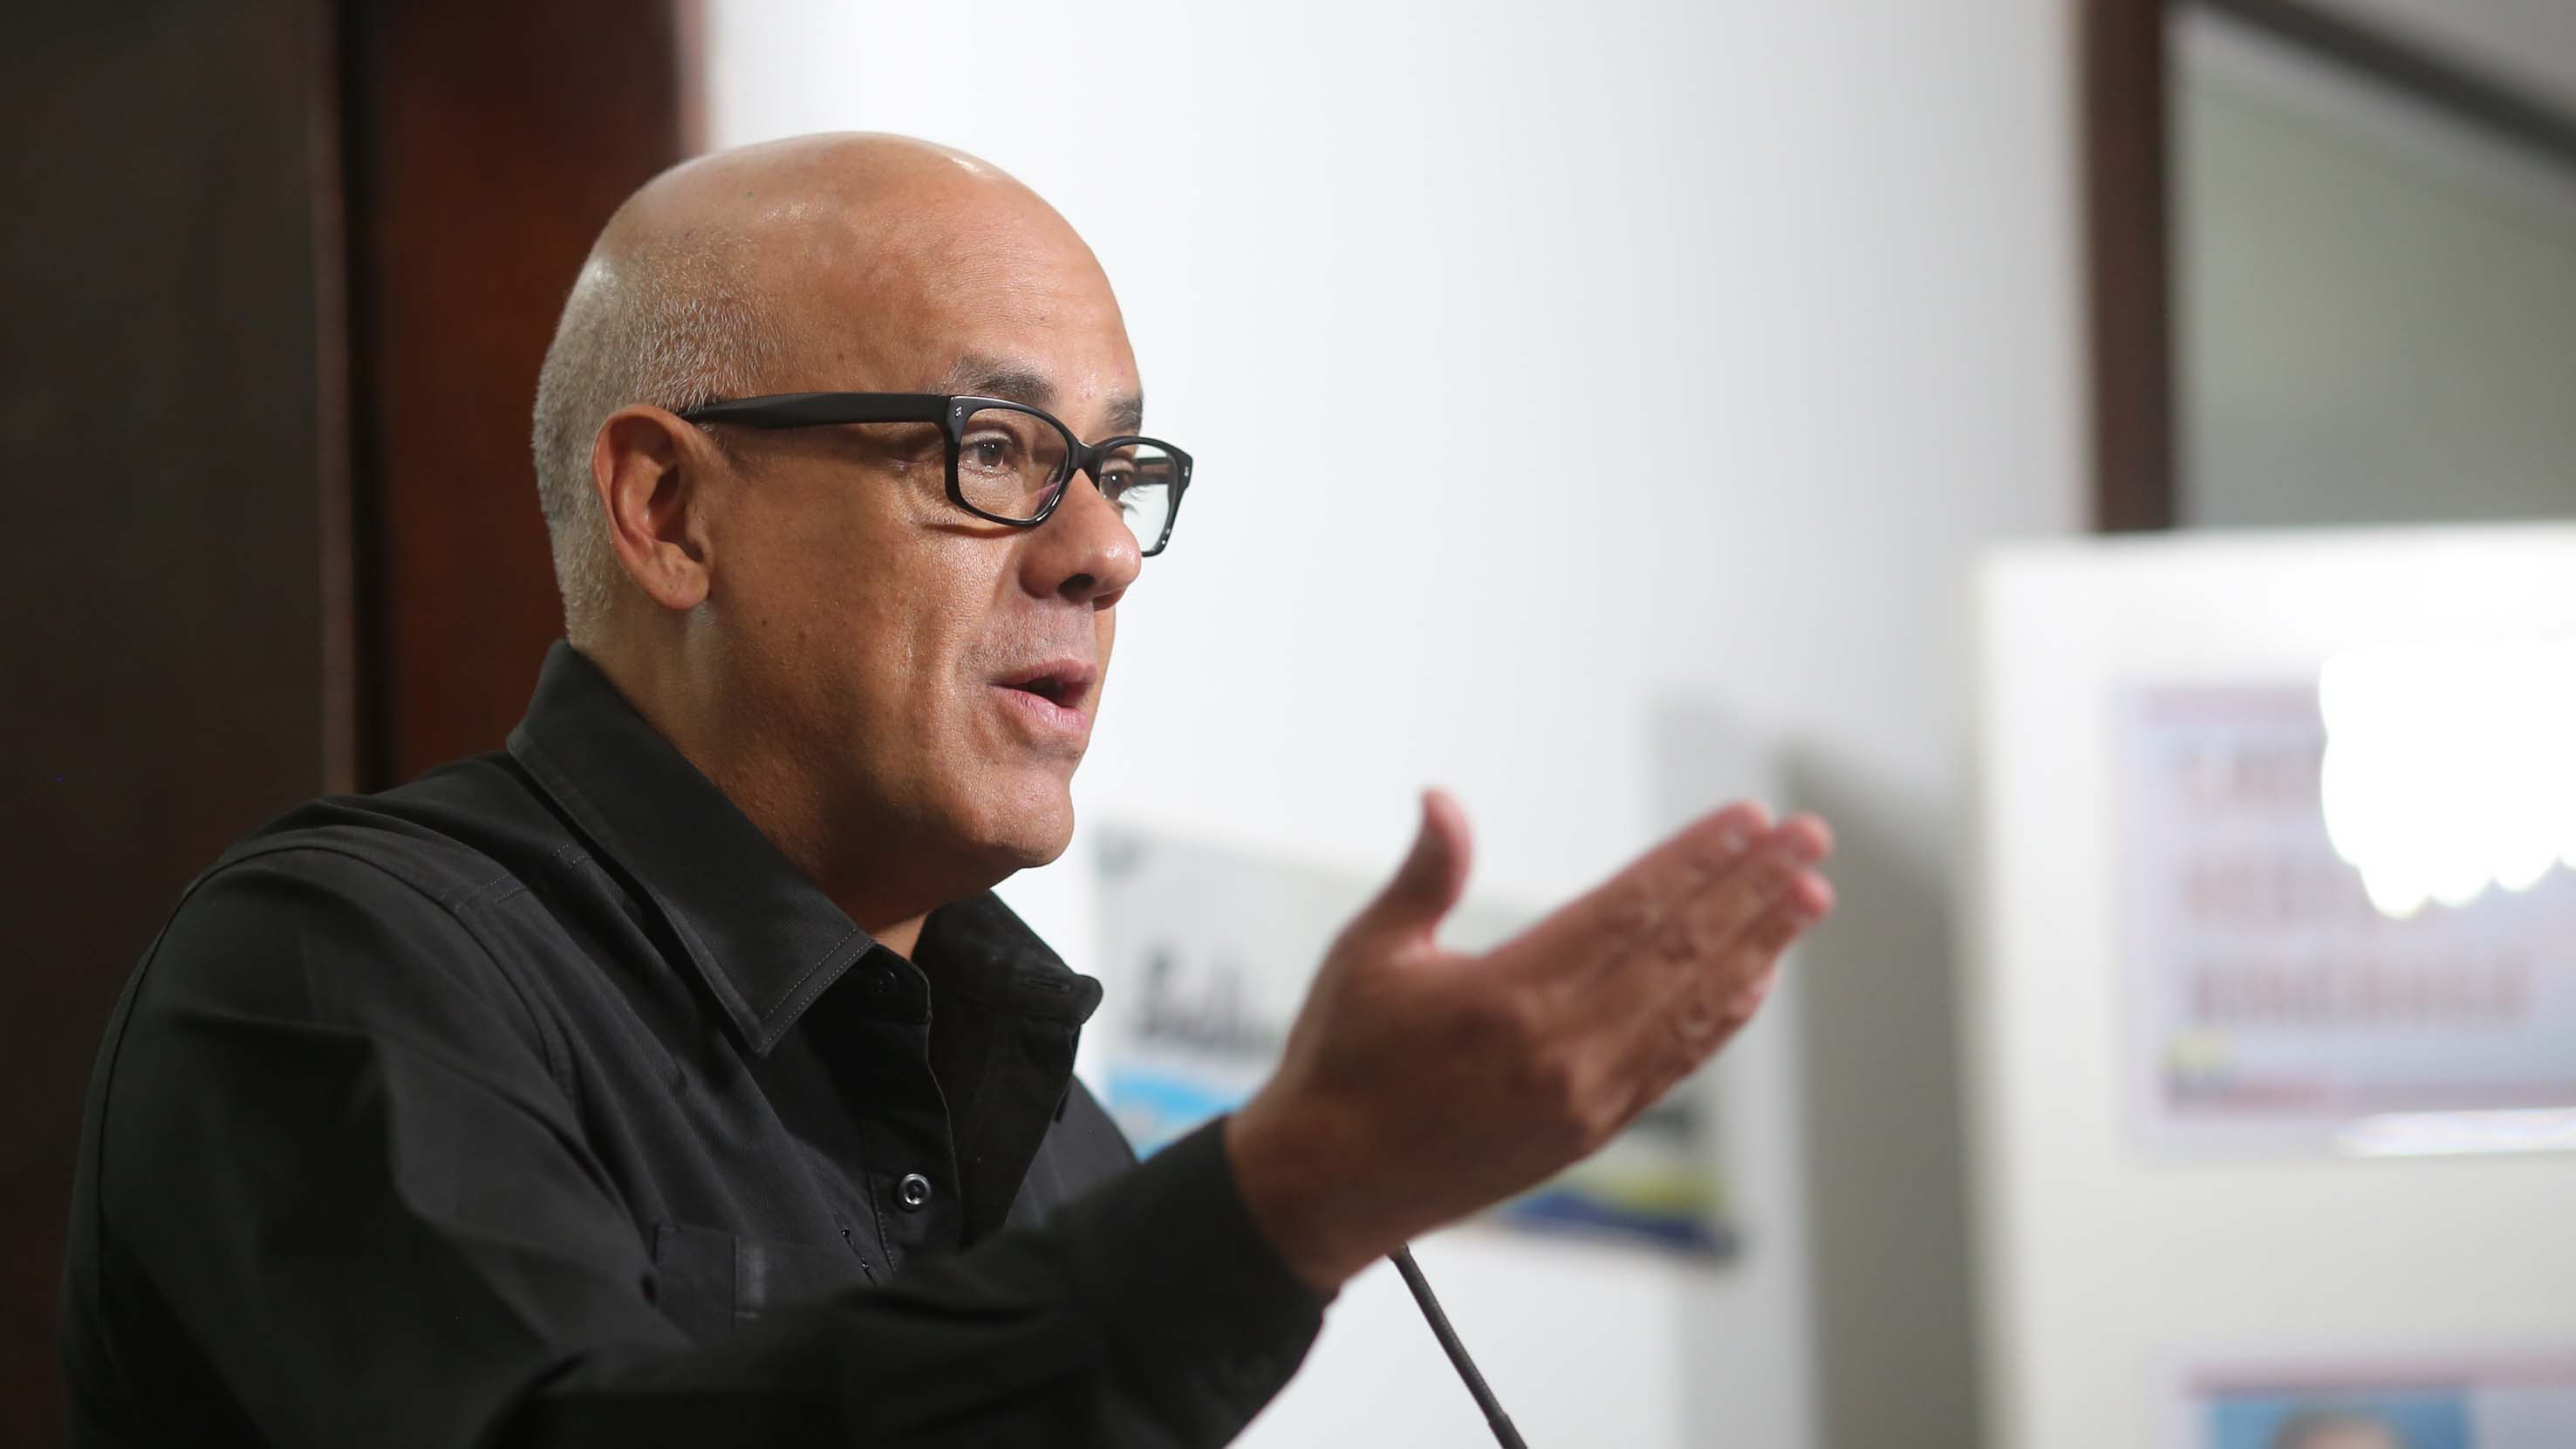 El ministro Jorge Rodríguez ratificó que el oficialismo espera continuar dialogando con sectores de la oposición